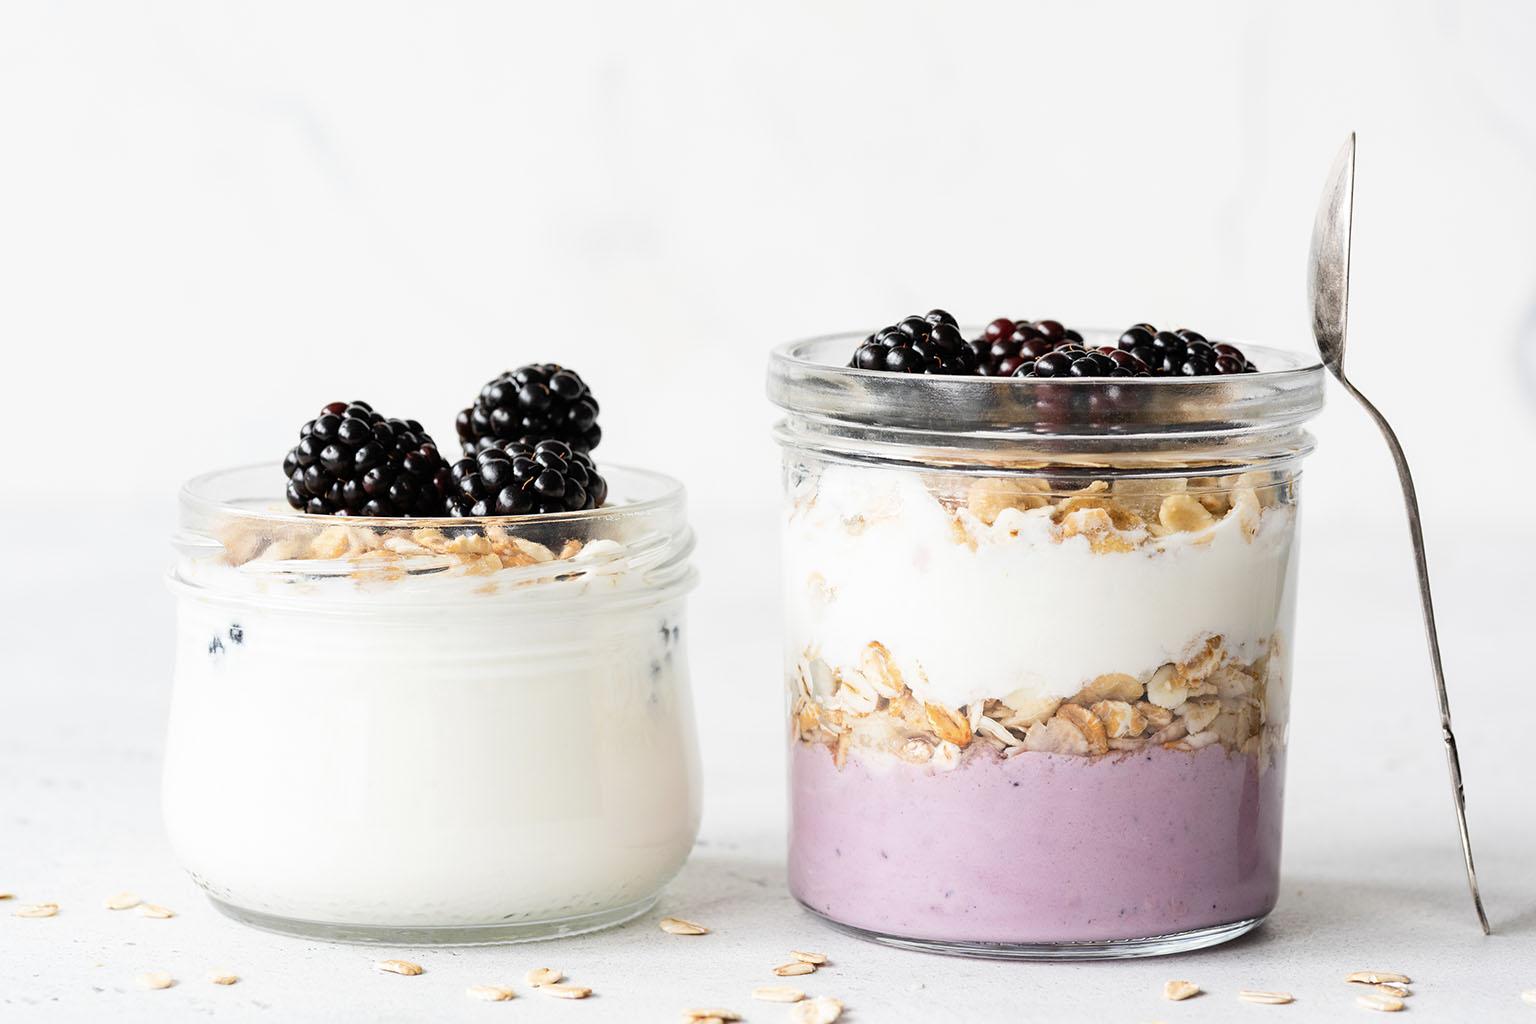 Naturalne probiotyki w diecie - gdzie ich szukać?